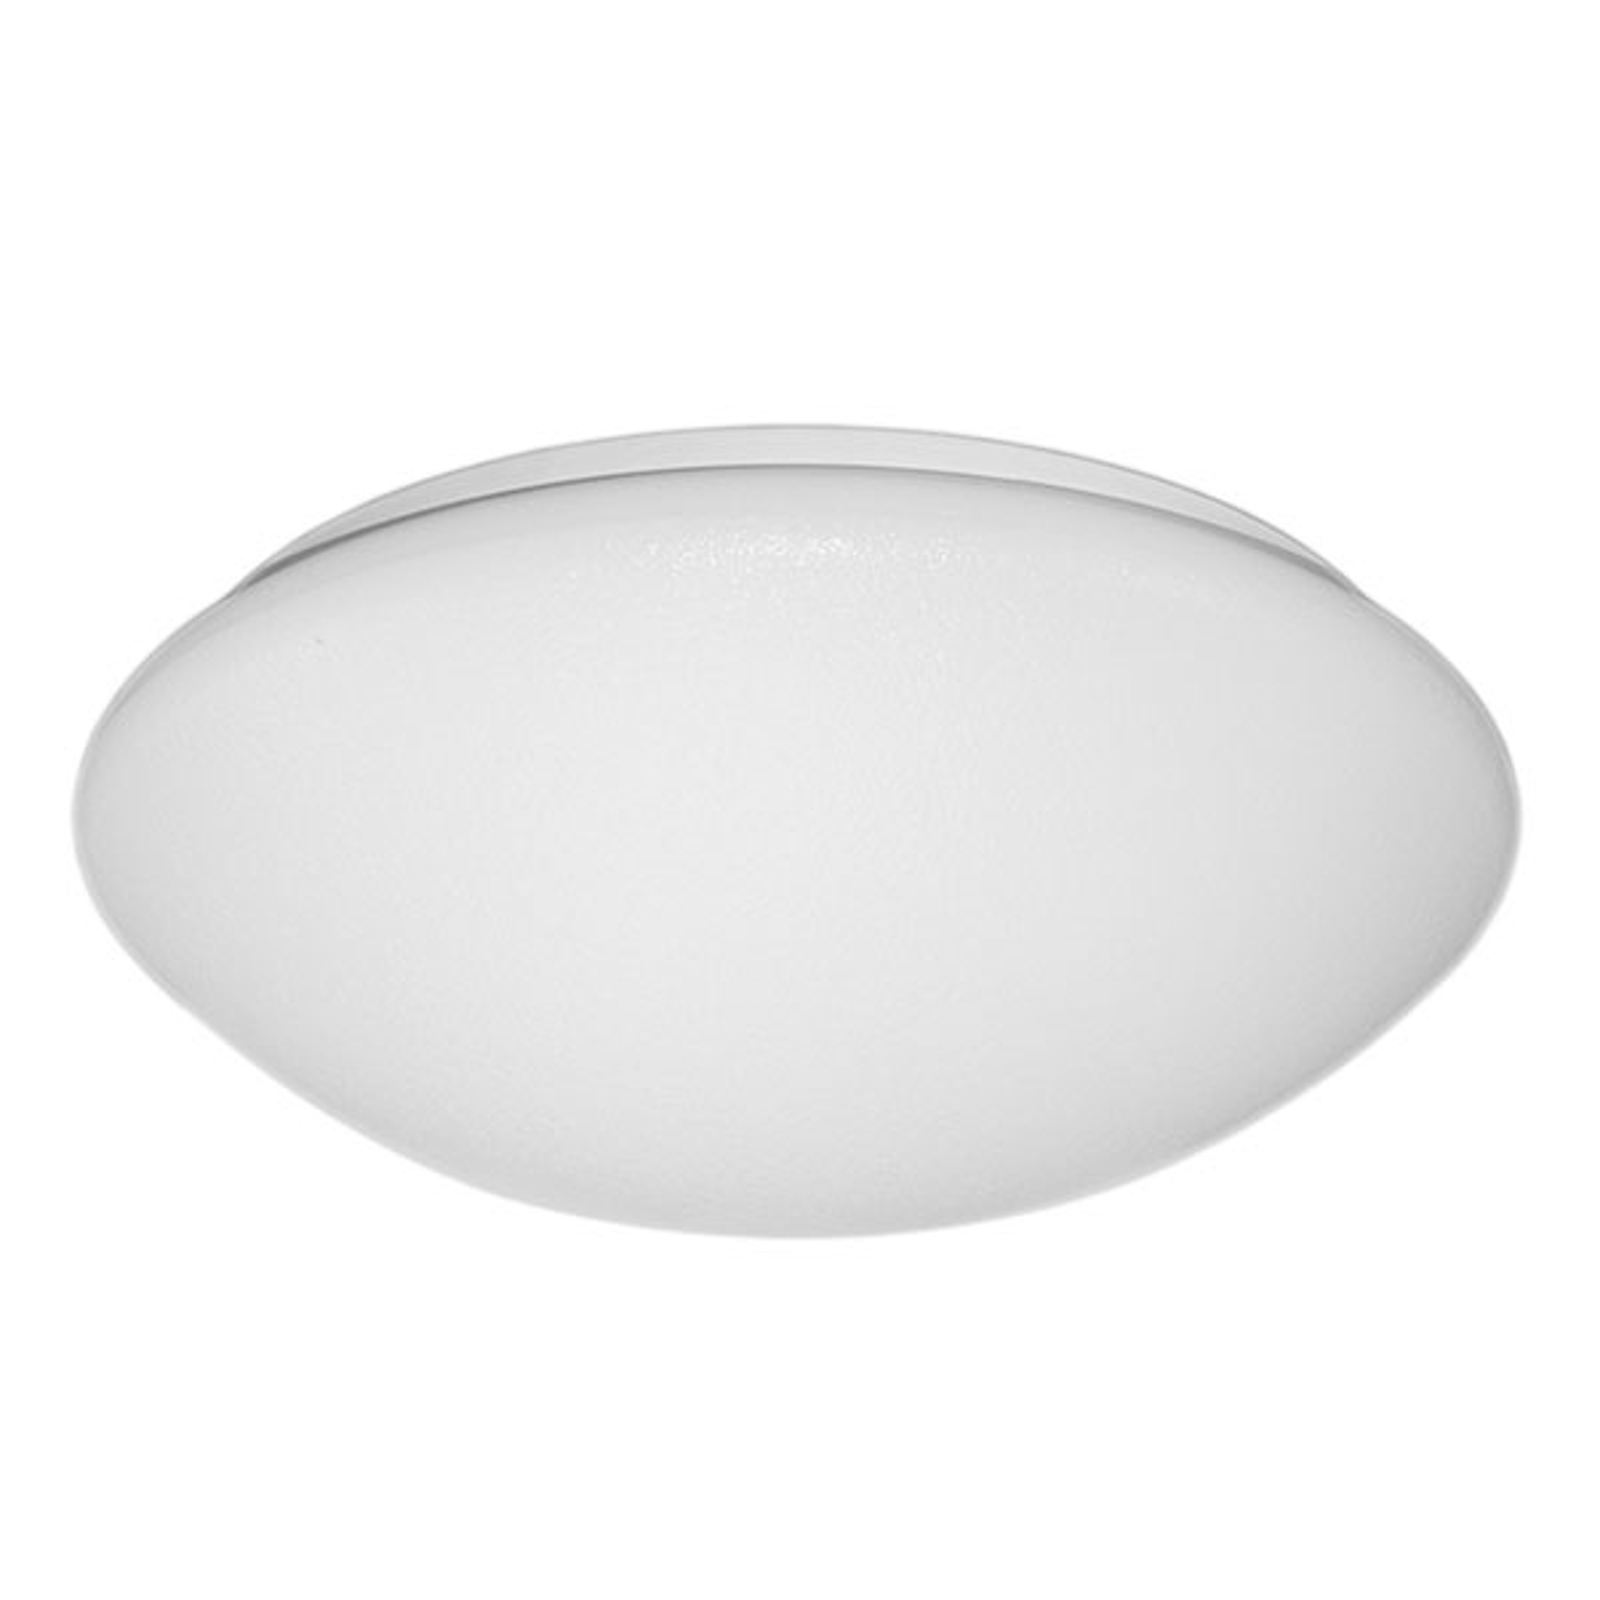 Duża lampa sufitowa LED, odporna, 35W, 4000 K